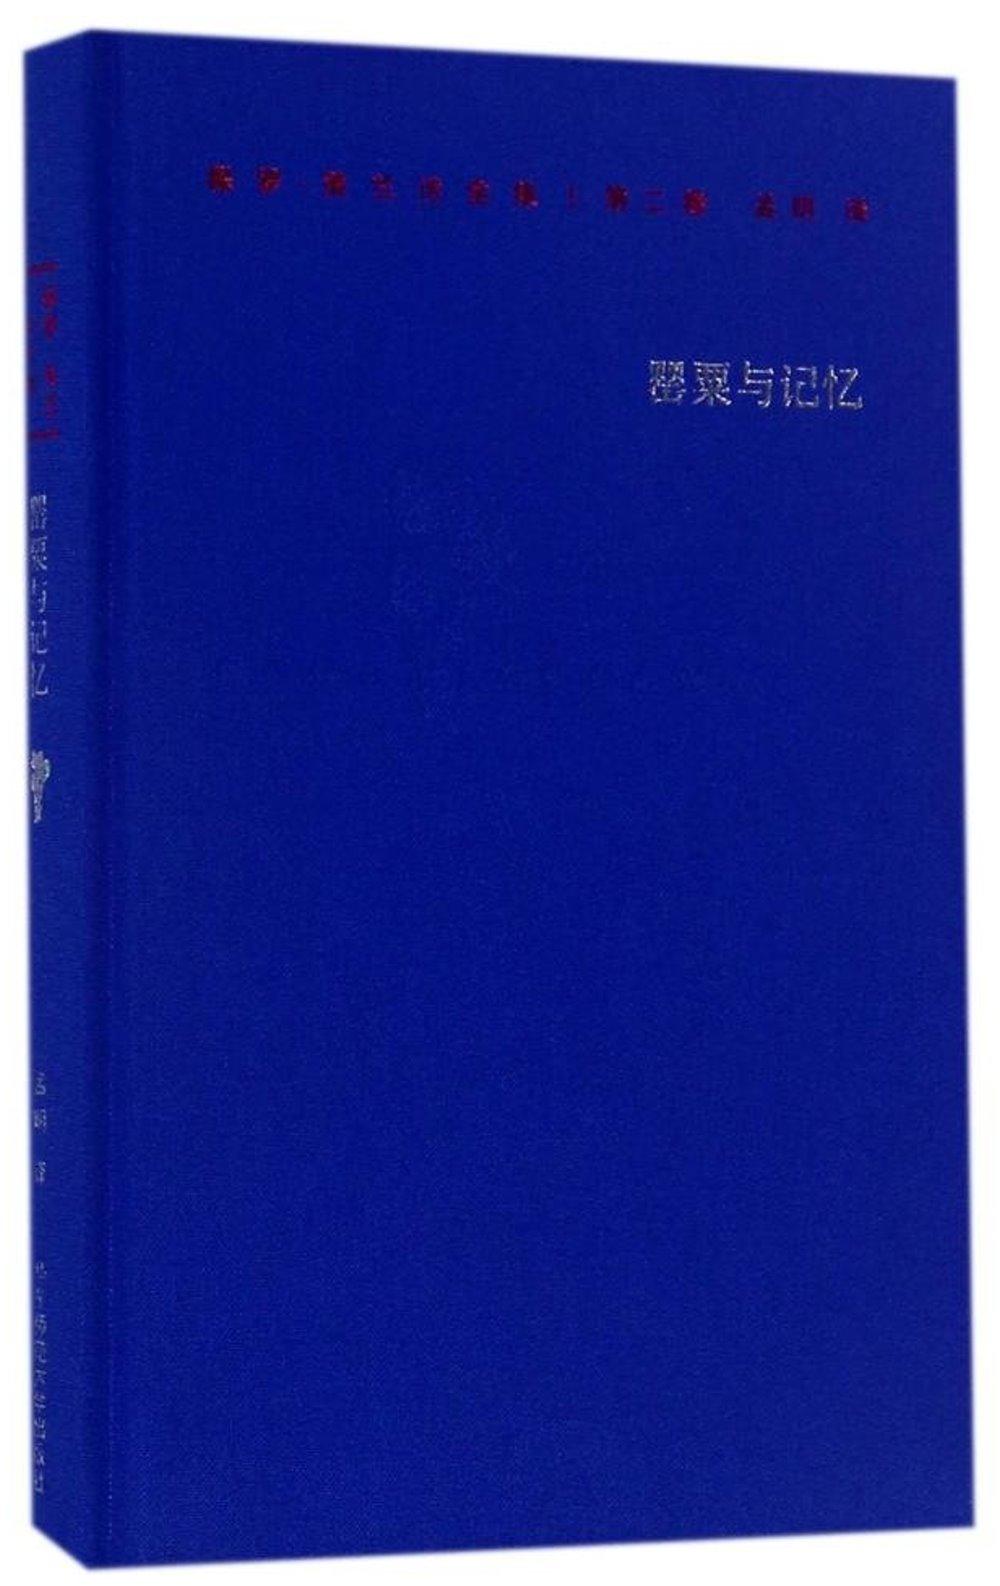 保羅·策蘭詩全集(第二卷):罌粟與記憶